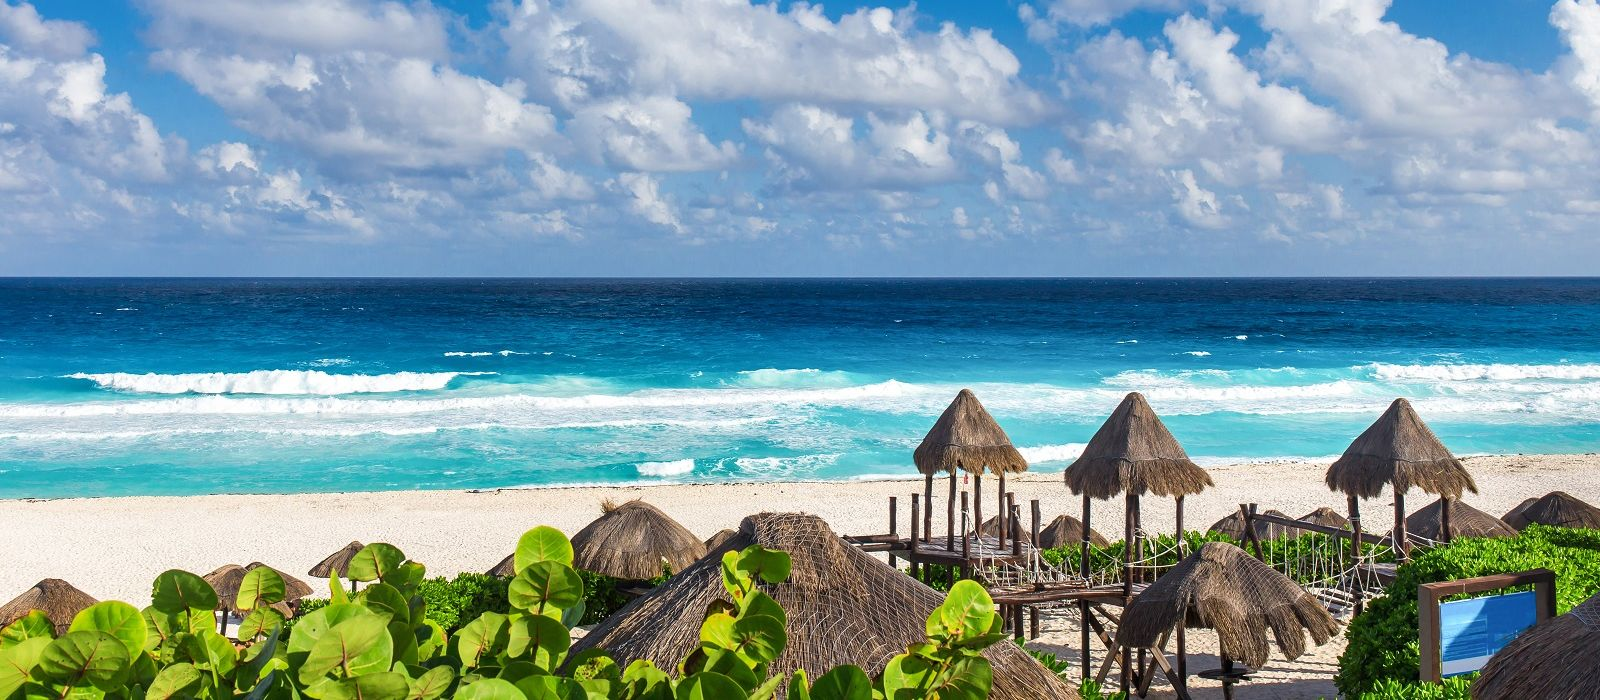 Yucatan In-Depth: Ancient Ruins and Beach Tour Trip 3